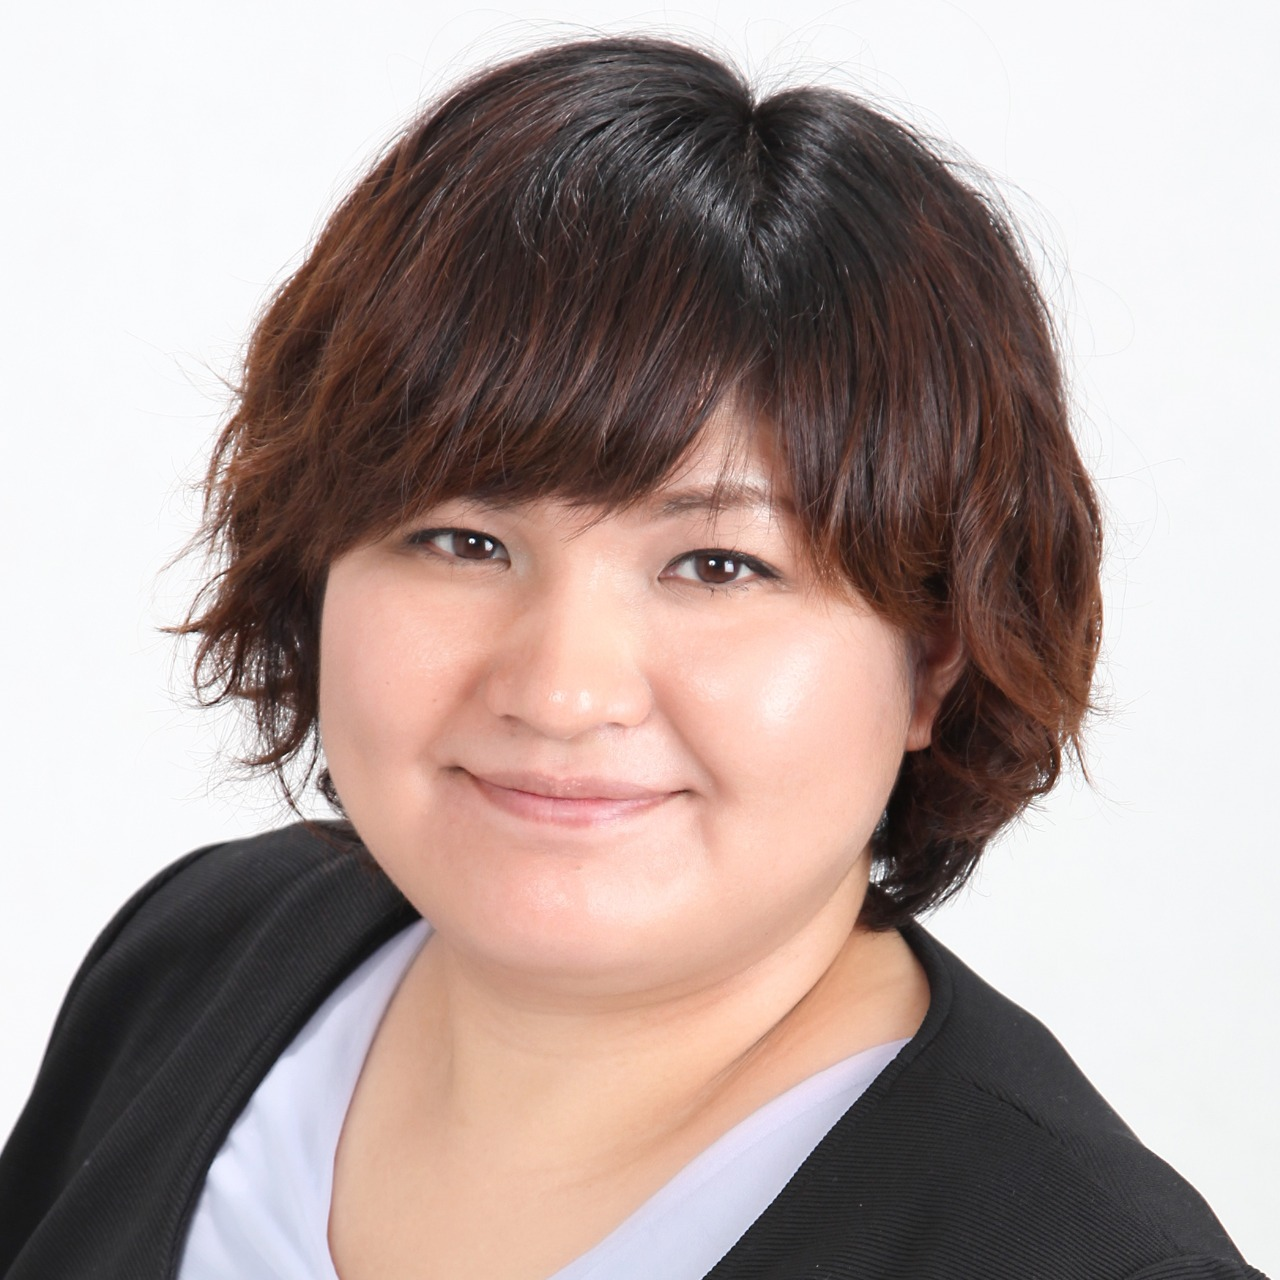 マルマーレ桃妃先生は、婚活もできる占い館BCAFE(ビーカフェ)渋谷店で火曜日を担当しています。